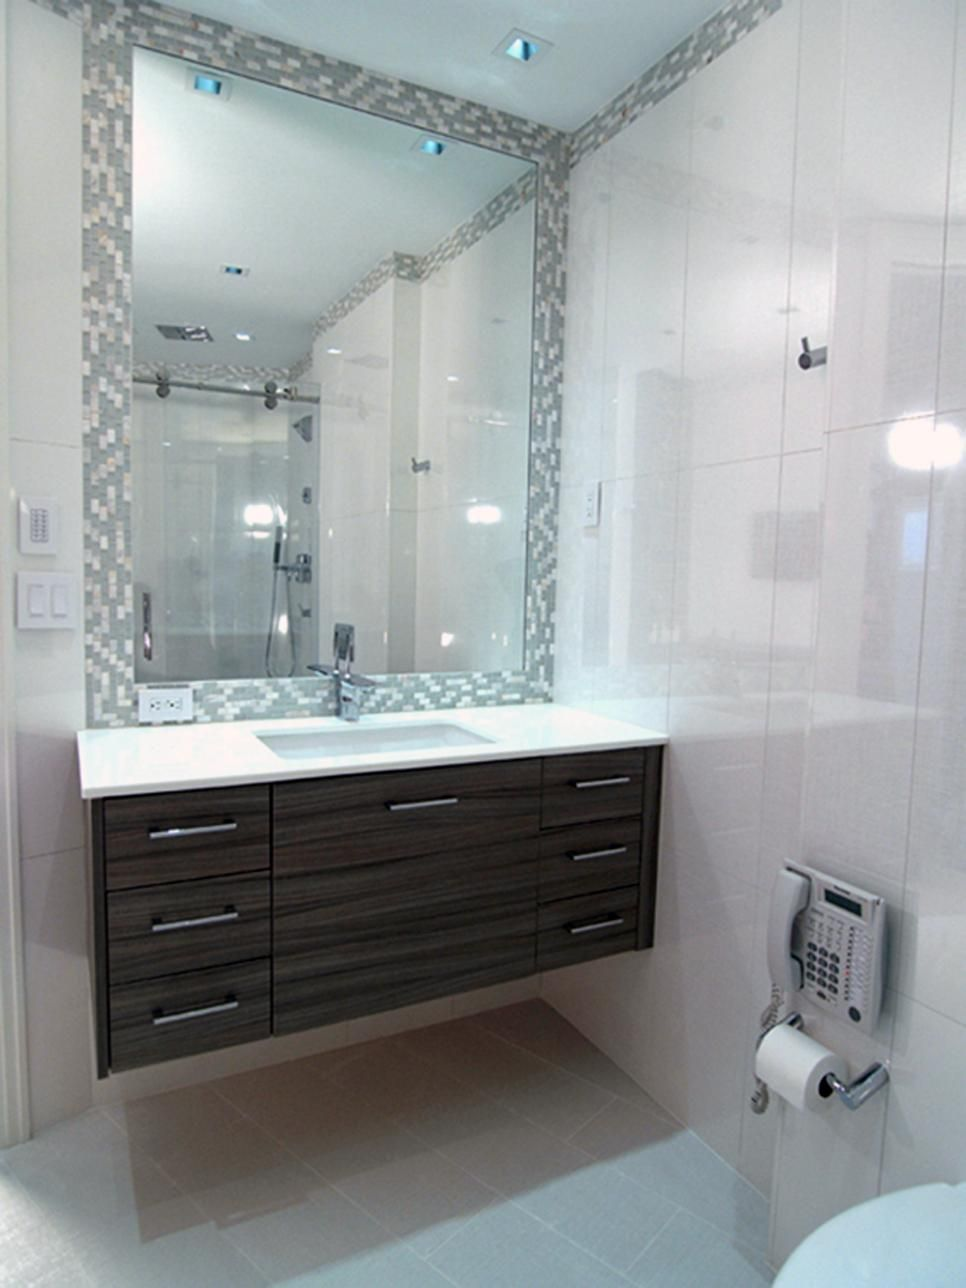 Floating Bathroom Vanity A Good Floating Bathroom Vanity Will Always Bring In Fron Floating Bathroom Vanities Bathroom Vanity Storage Small Bathroom Vanities [ 1288 x 966 Pixel ]